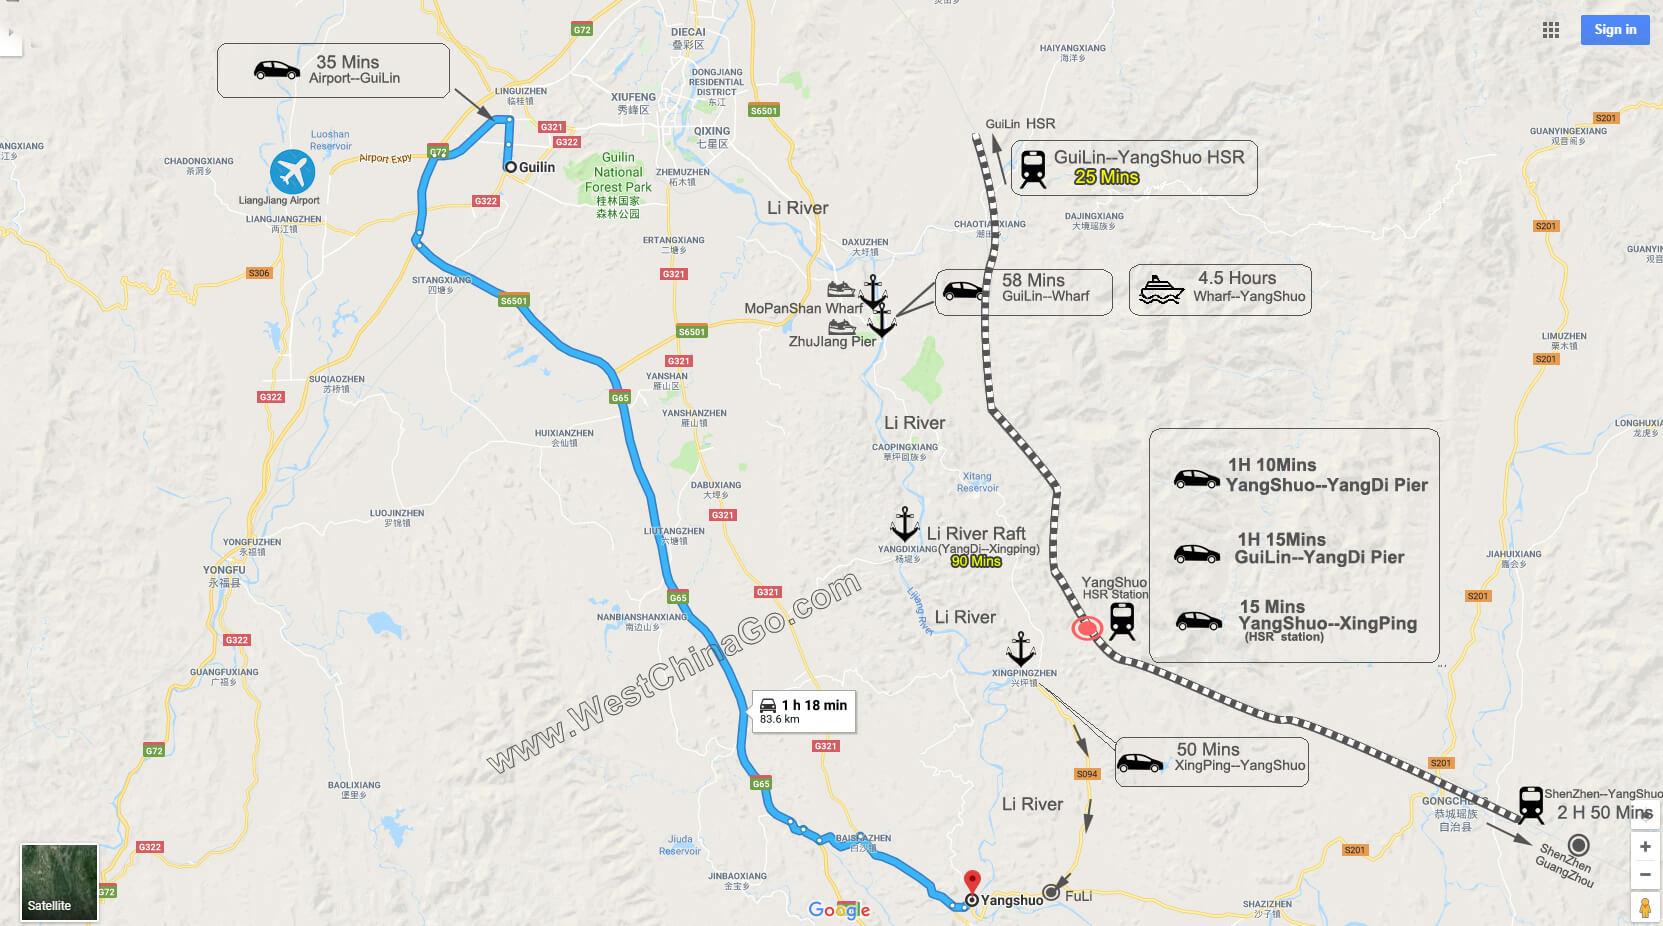 GuiLin to yangshuo tour map